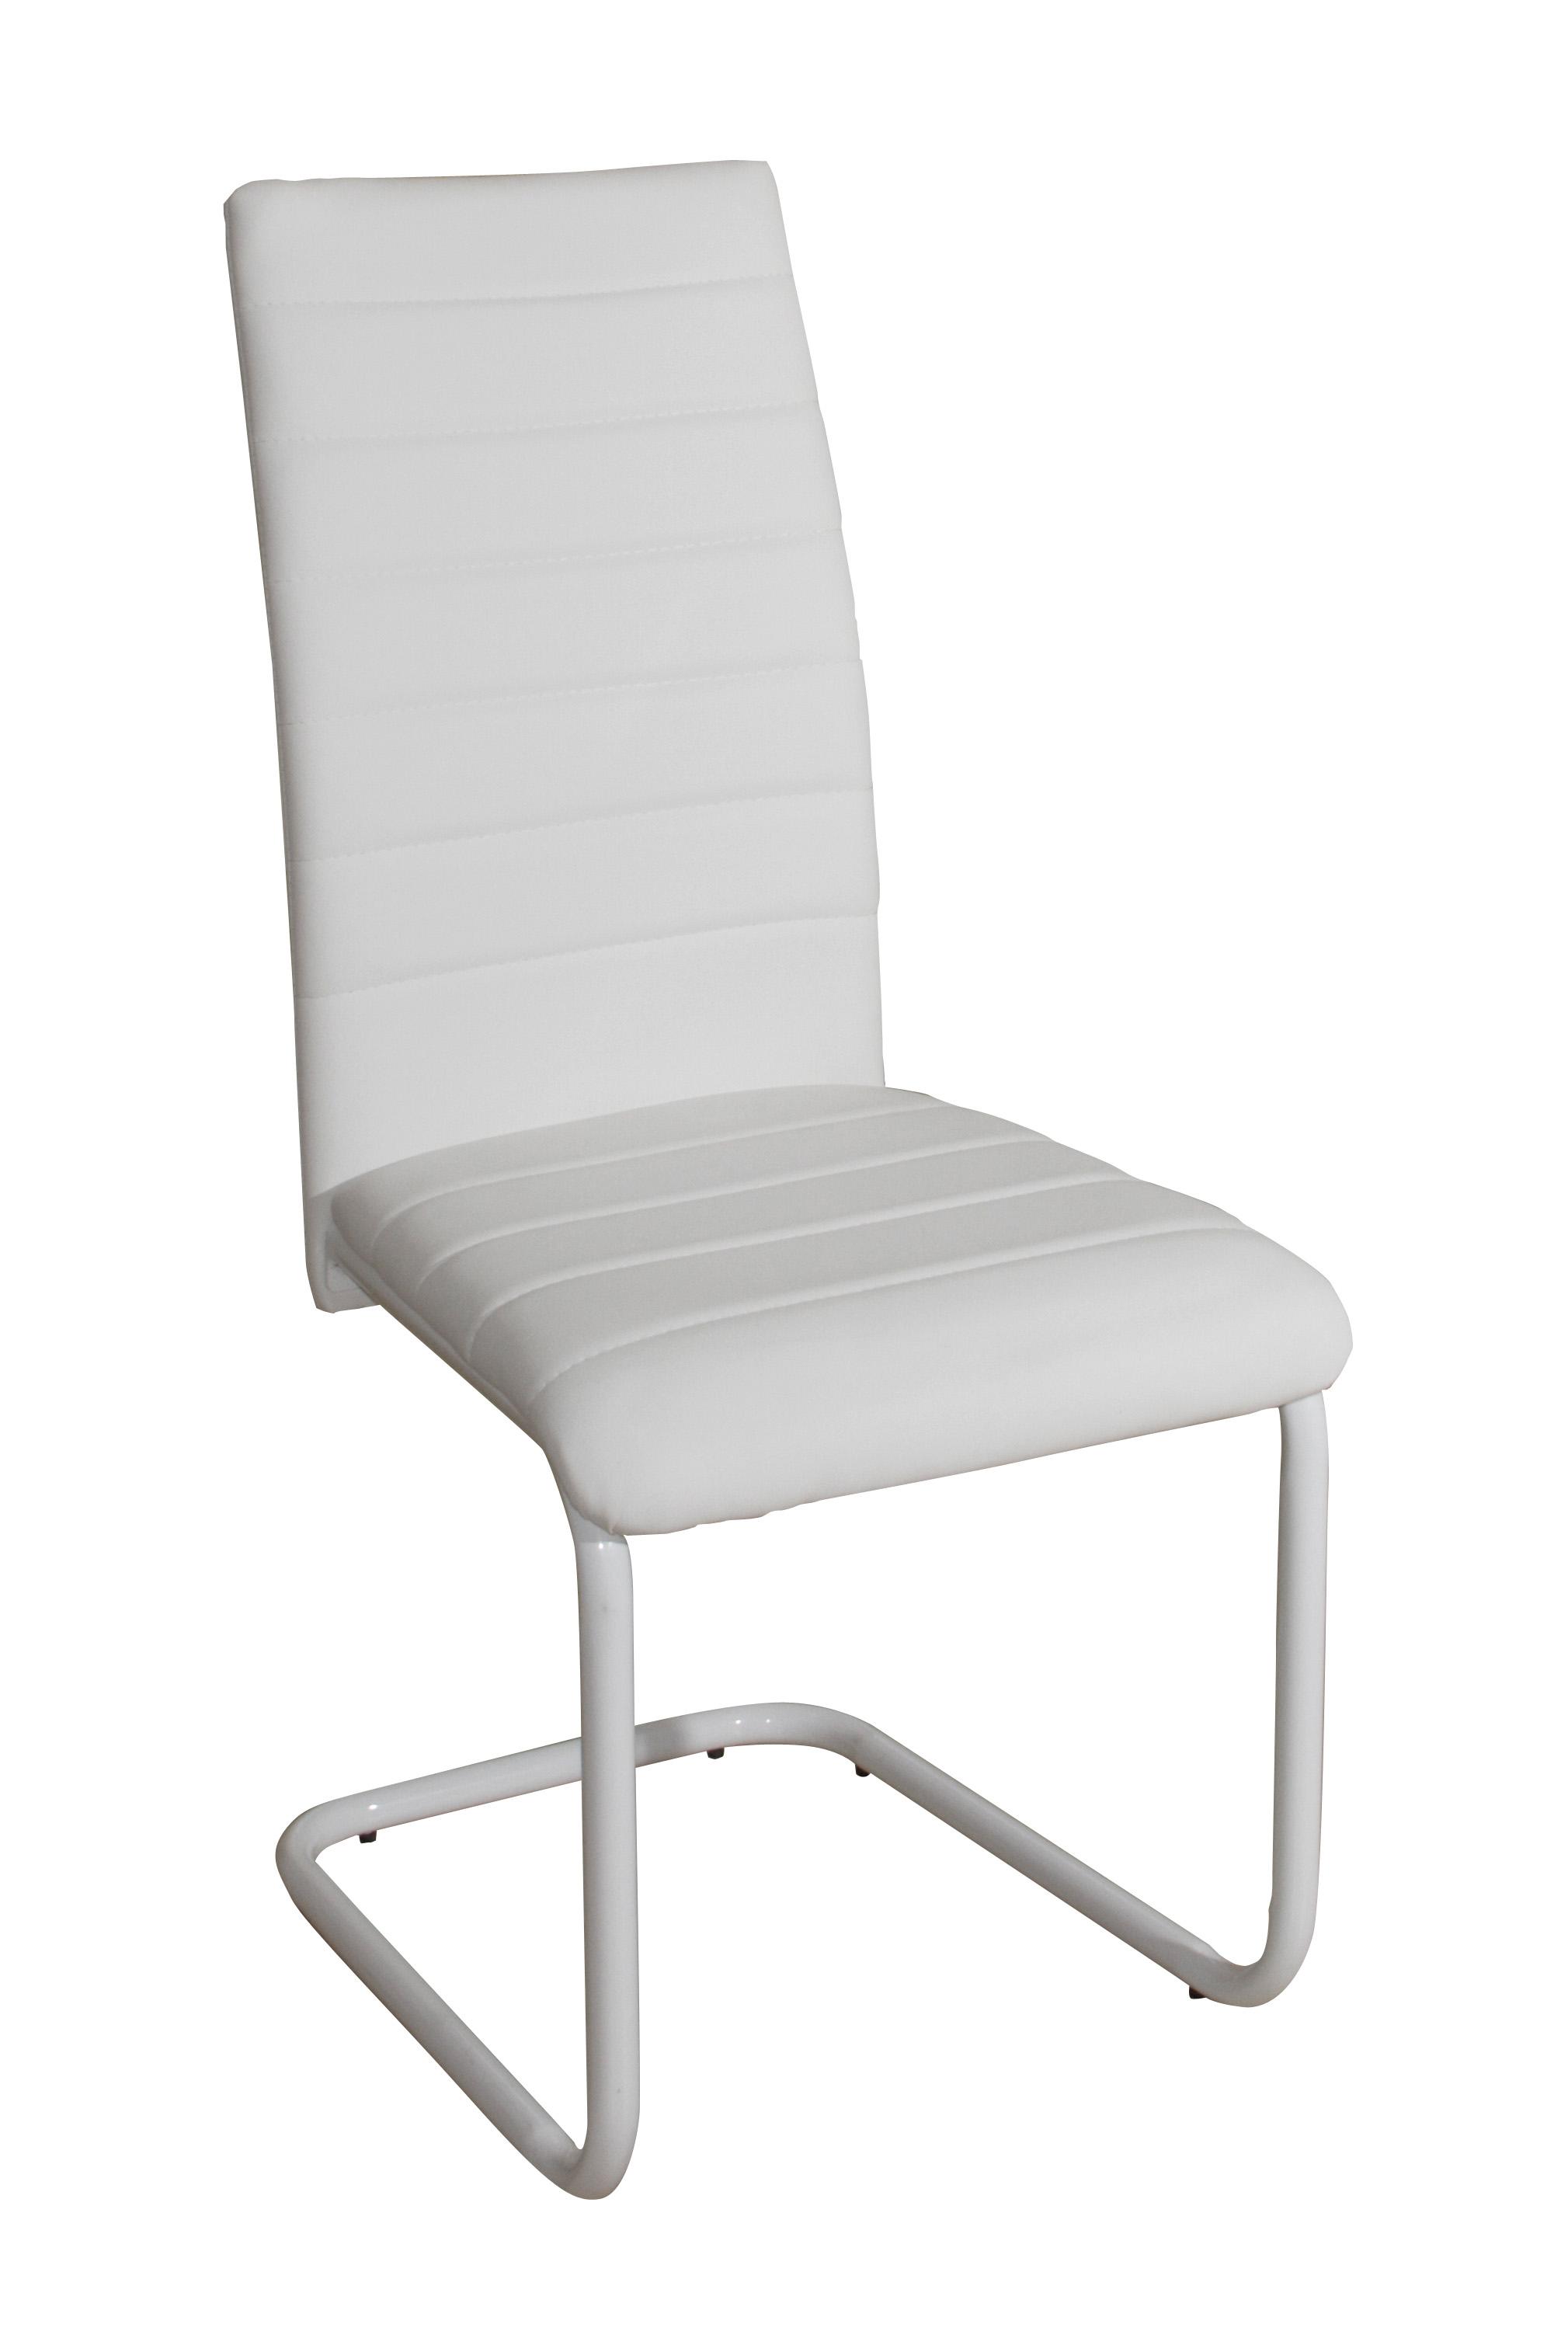 Precio de tapizar una silla tapizar with precio de for Tapizar sillas precio